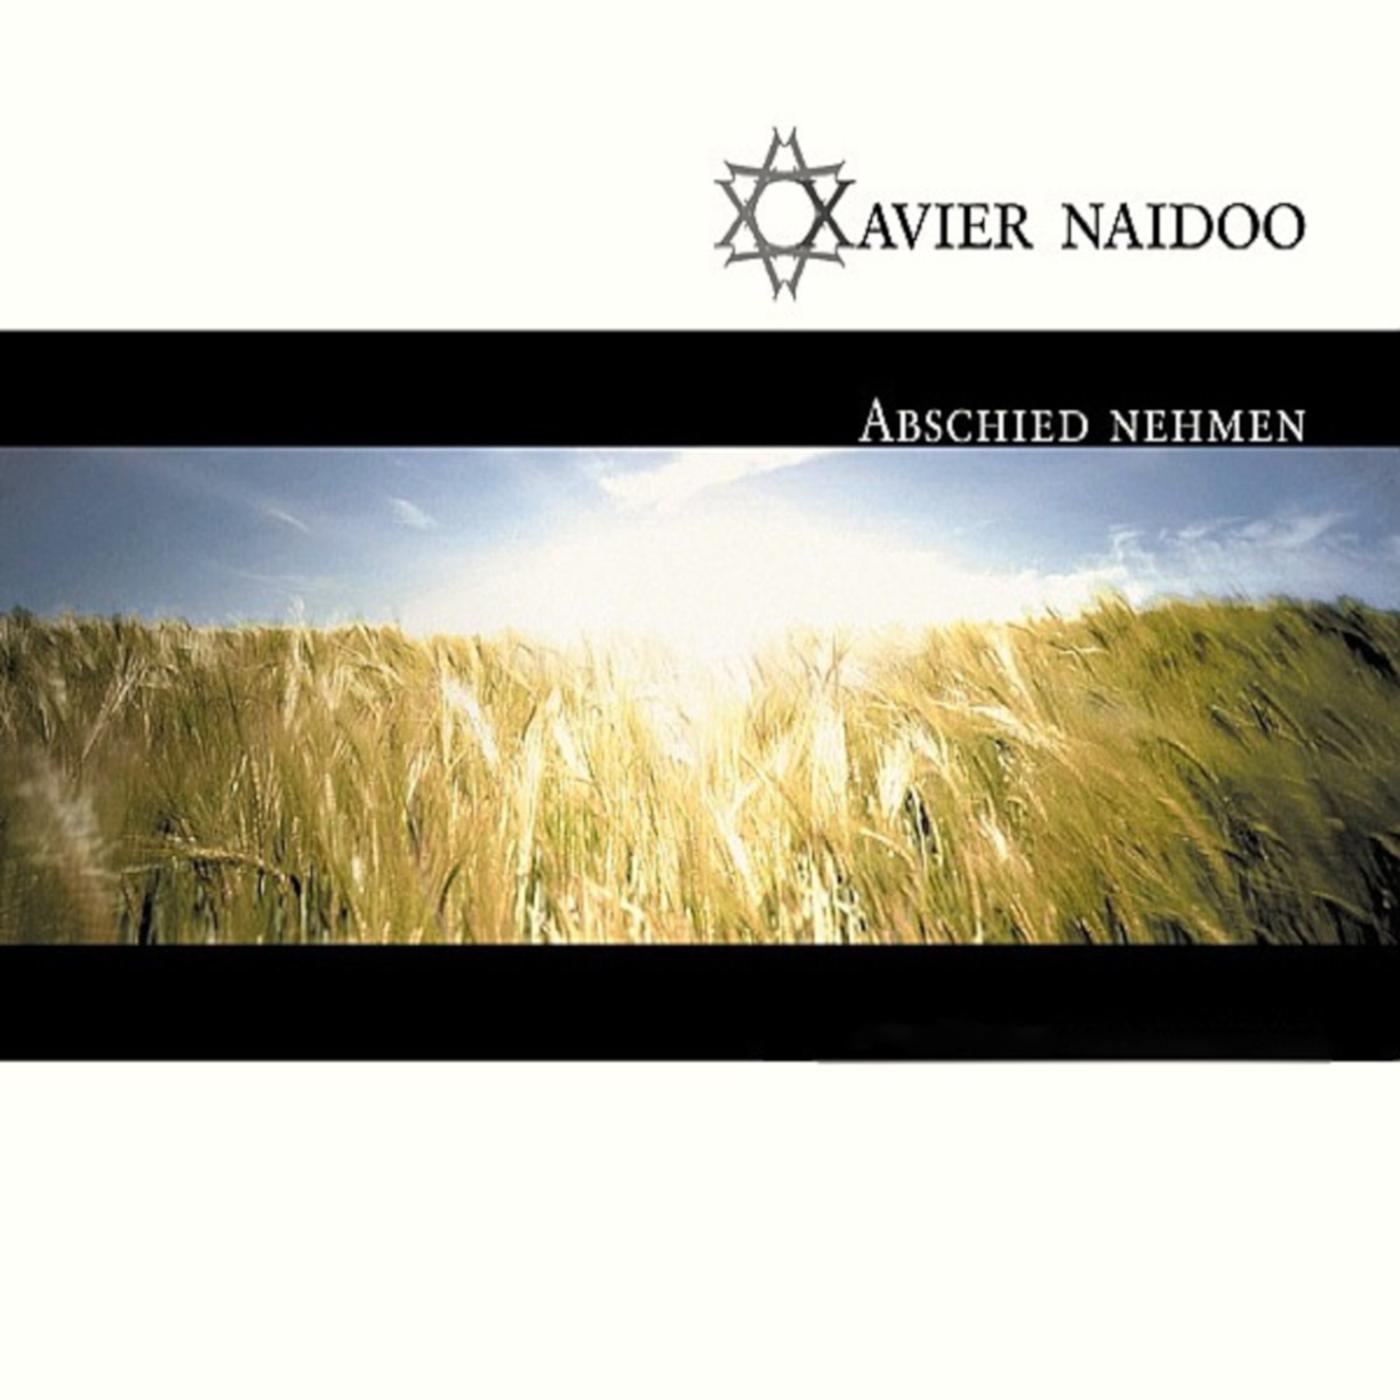 Abschied nehmen - Xavier Naidoo